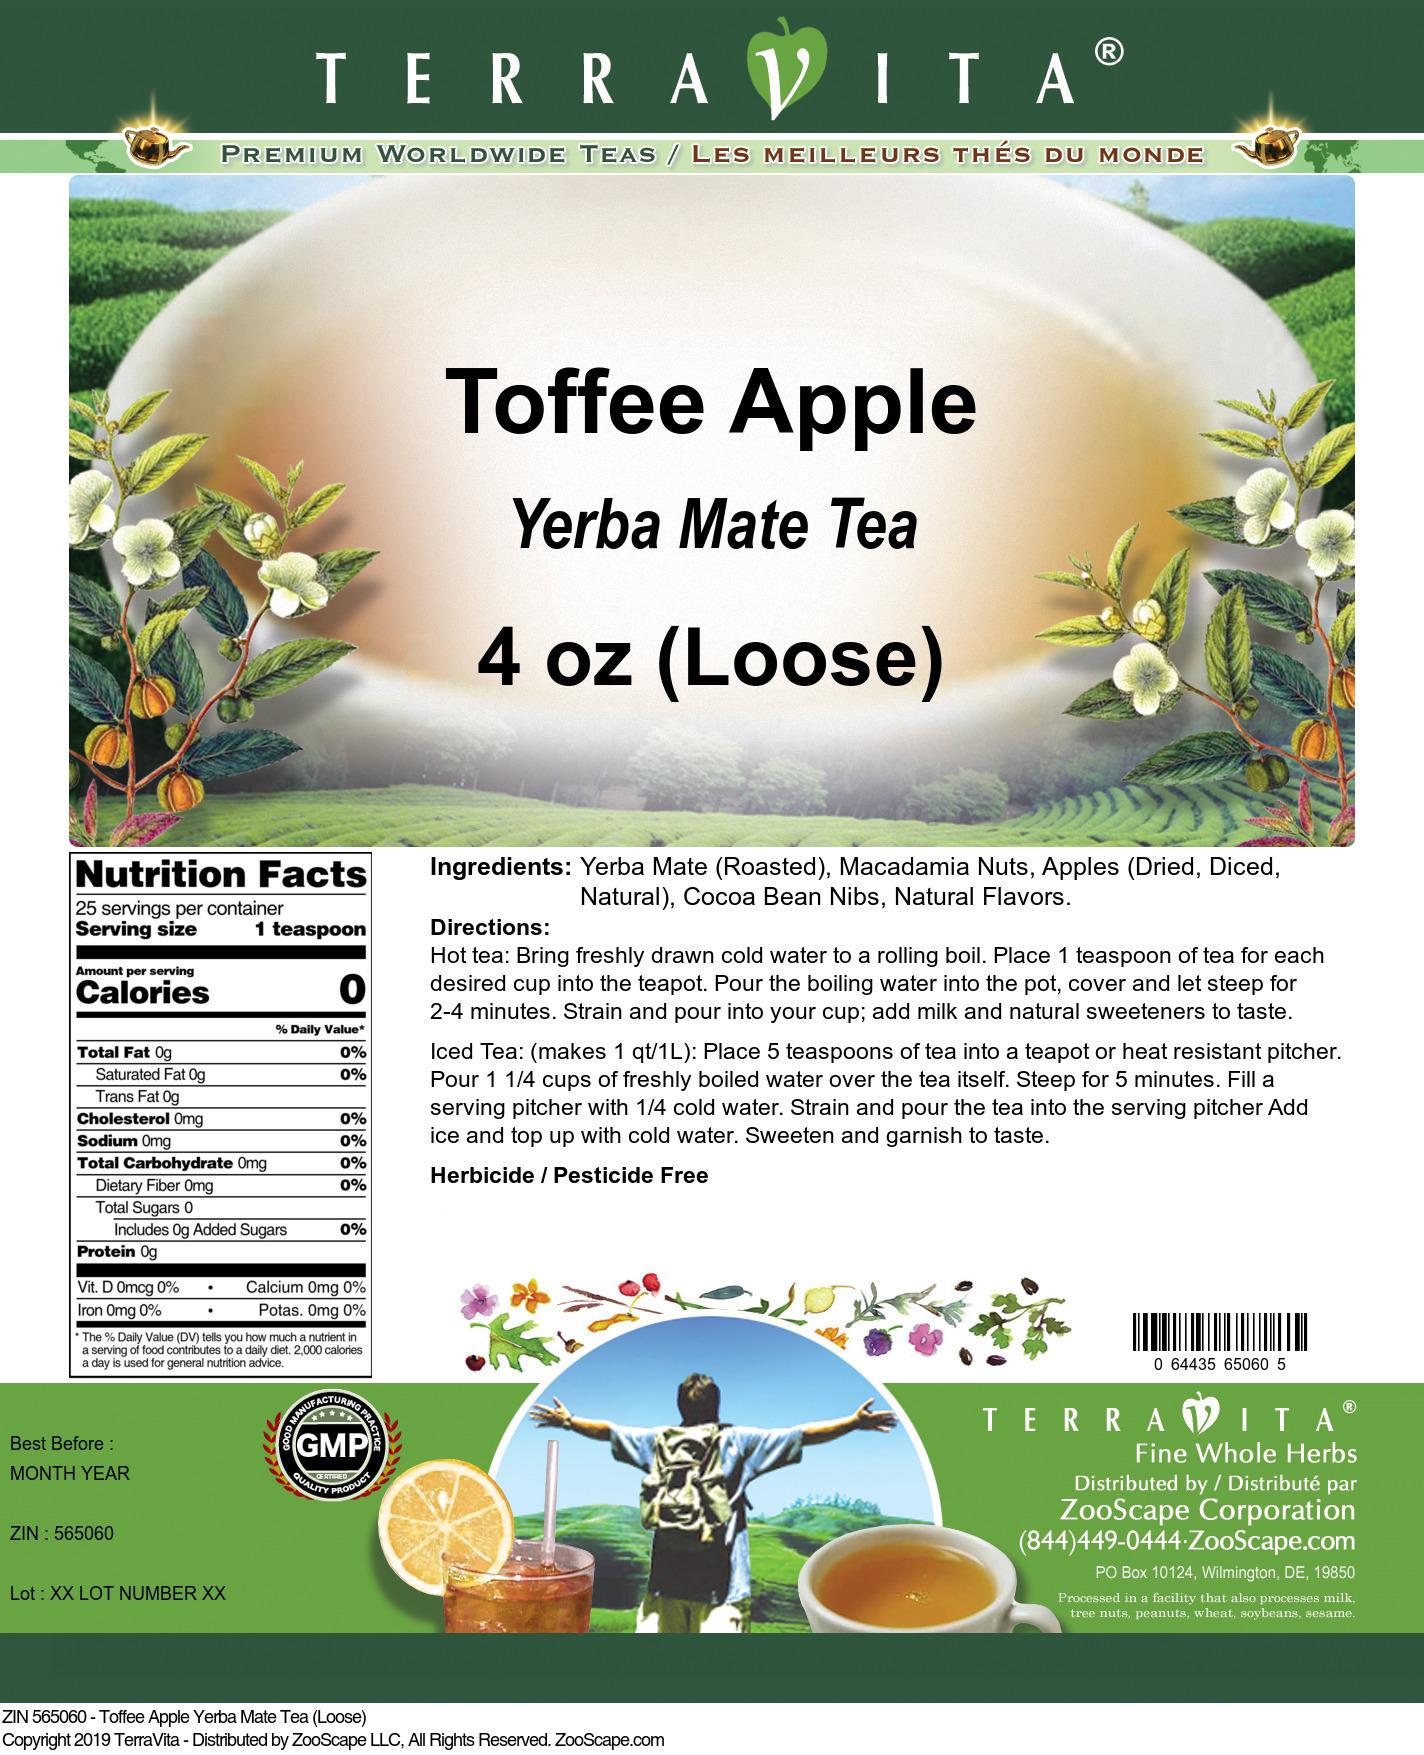 Toffee Apple Yerba Mate